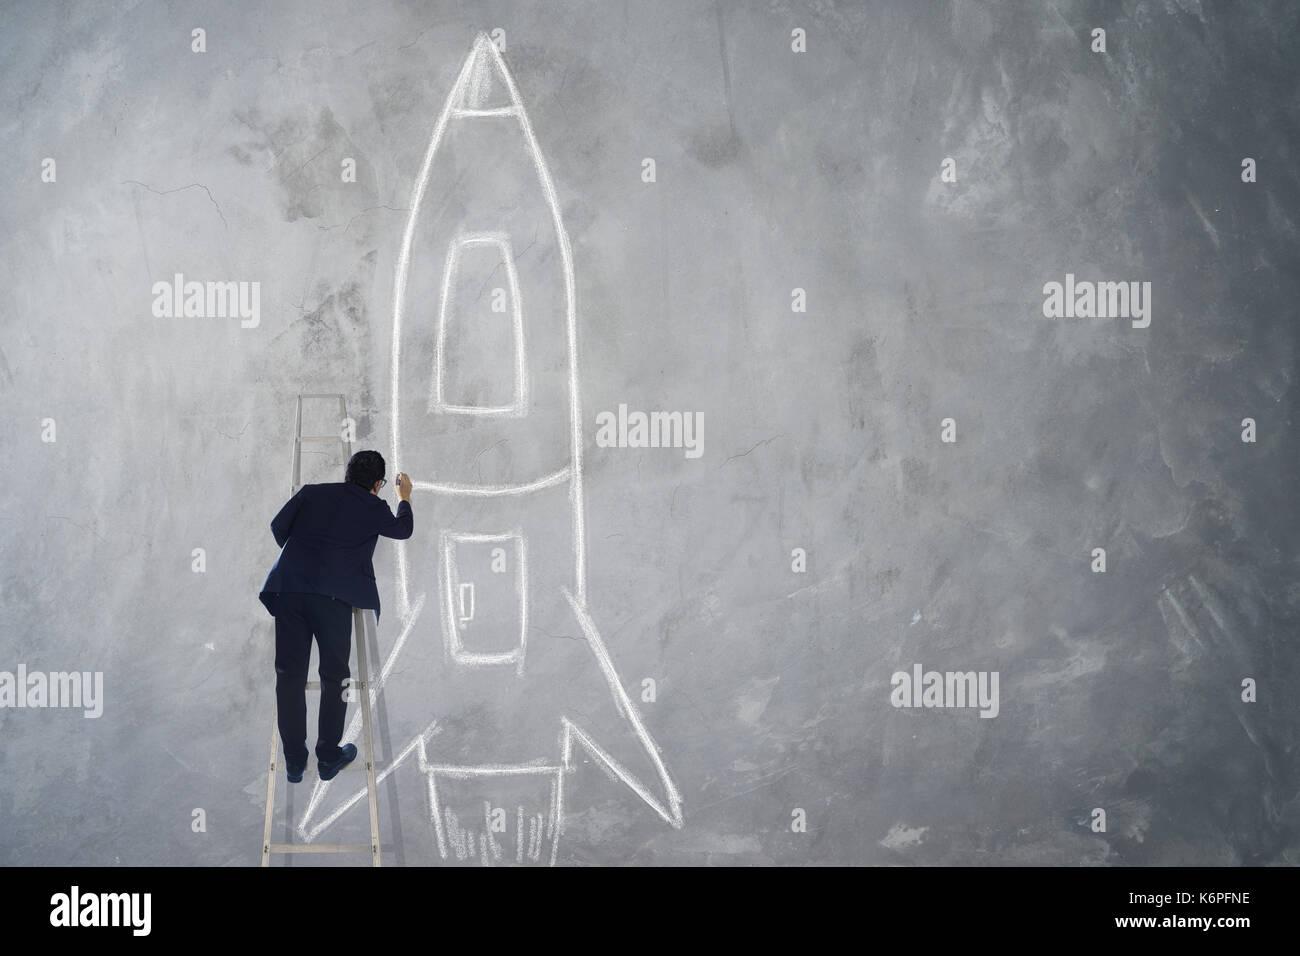 Dessin d'escalier montée homme rocket esquisse sur mur , succès, leader et concept gagnant . Banque D'Images